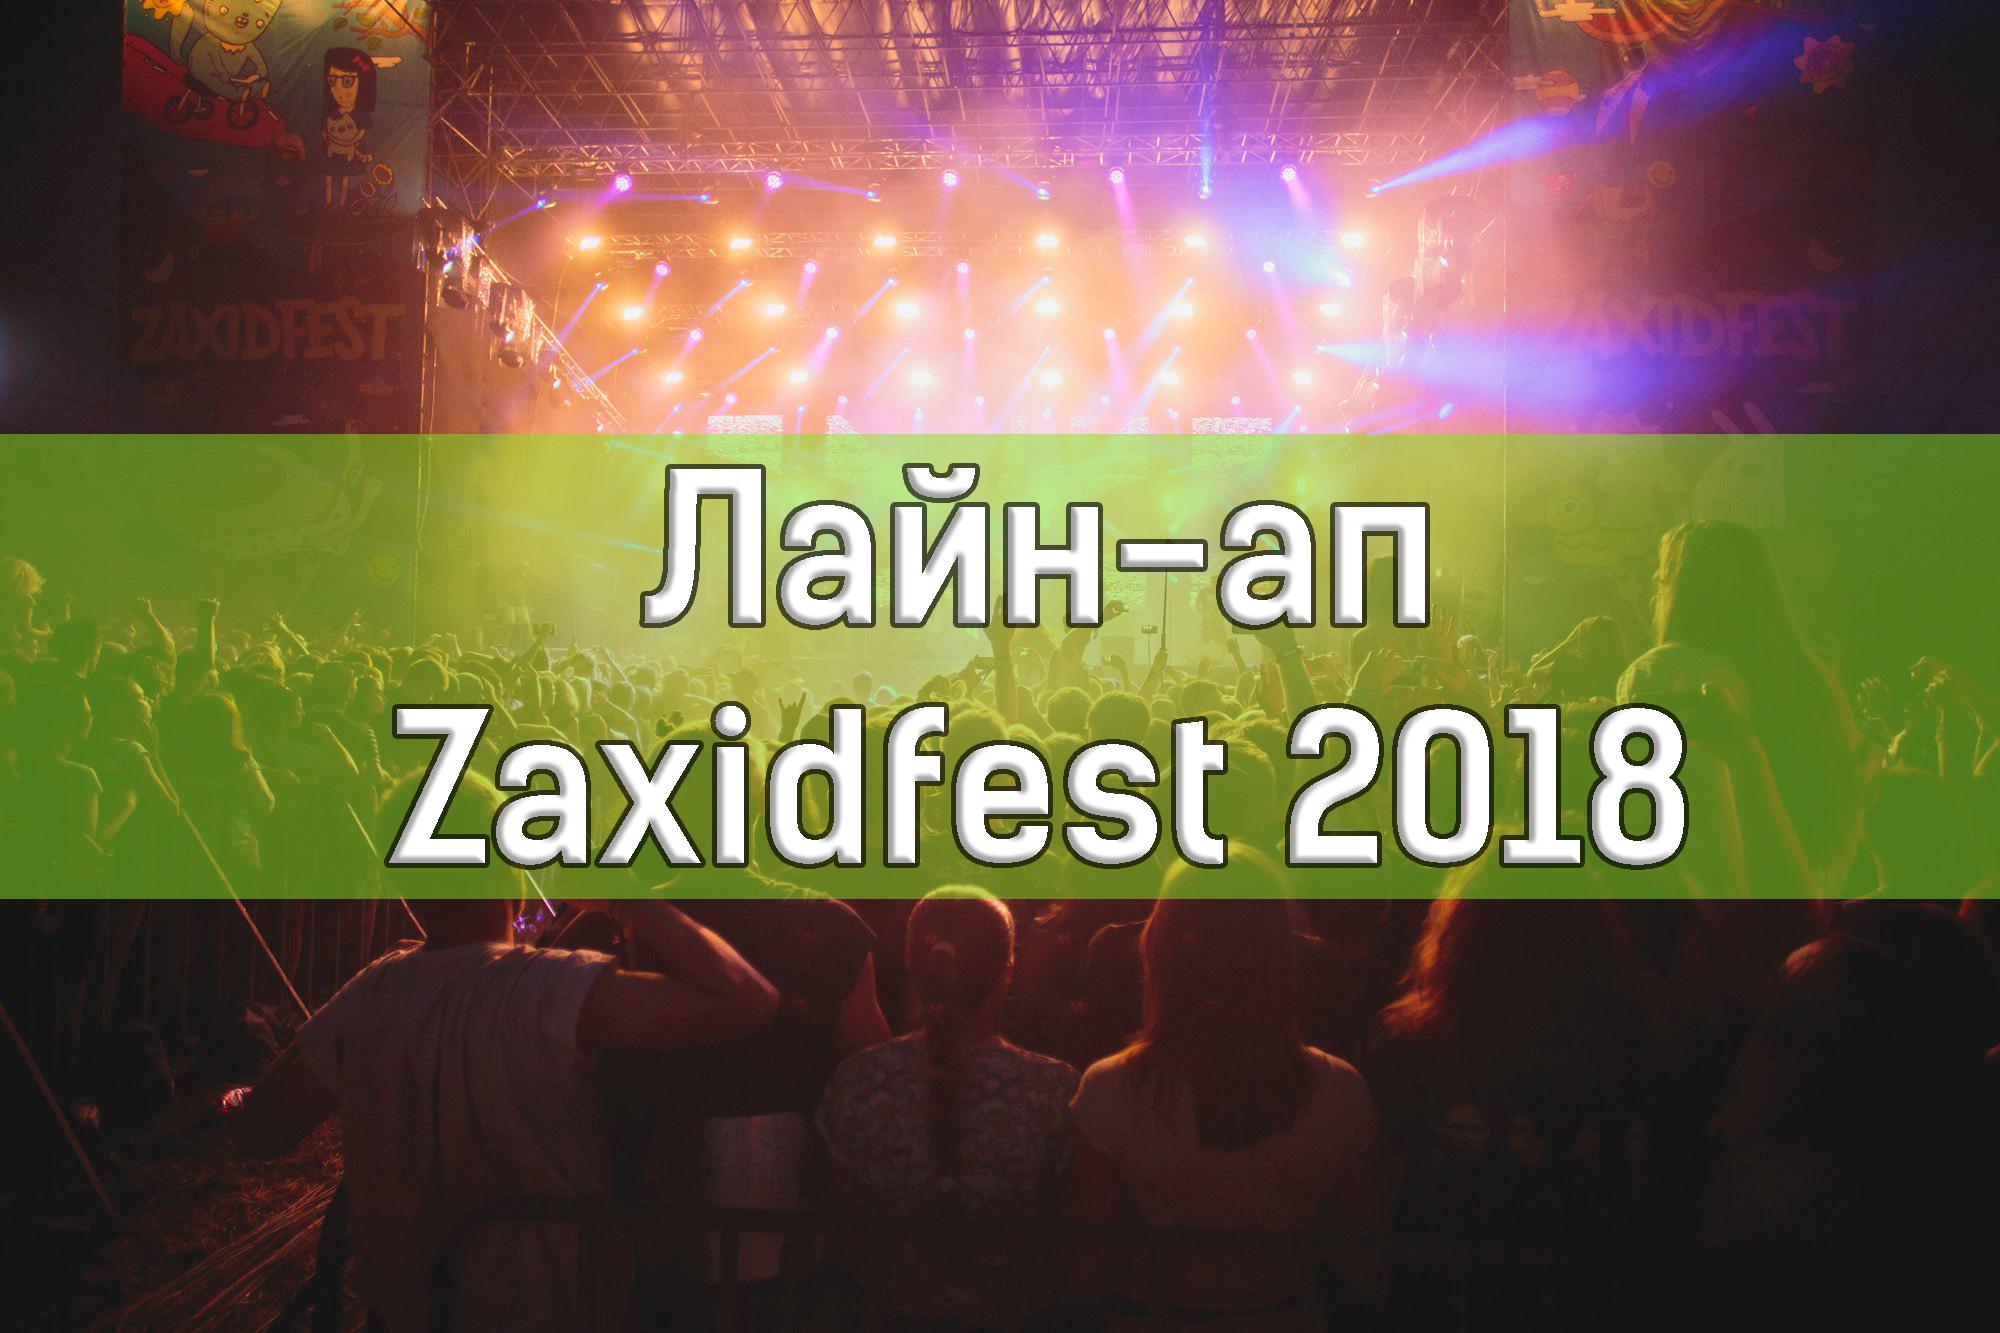 zx2018 Новини/Статті | UA MUSIC Енциклопедія української музики